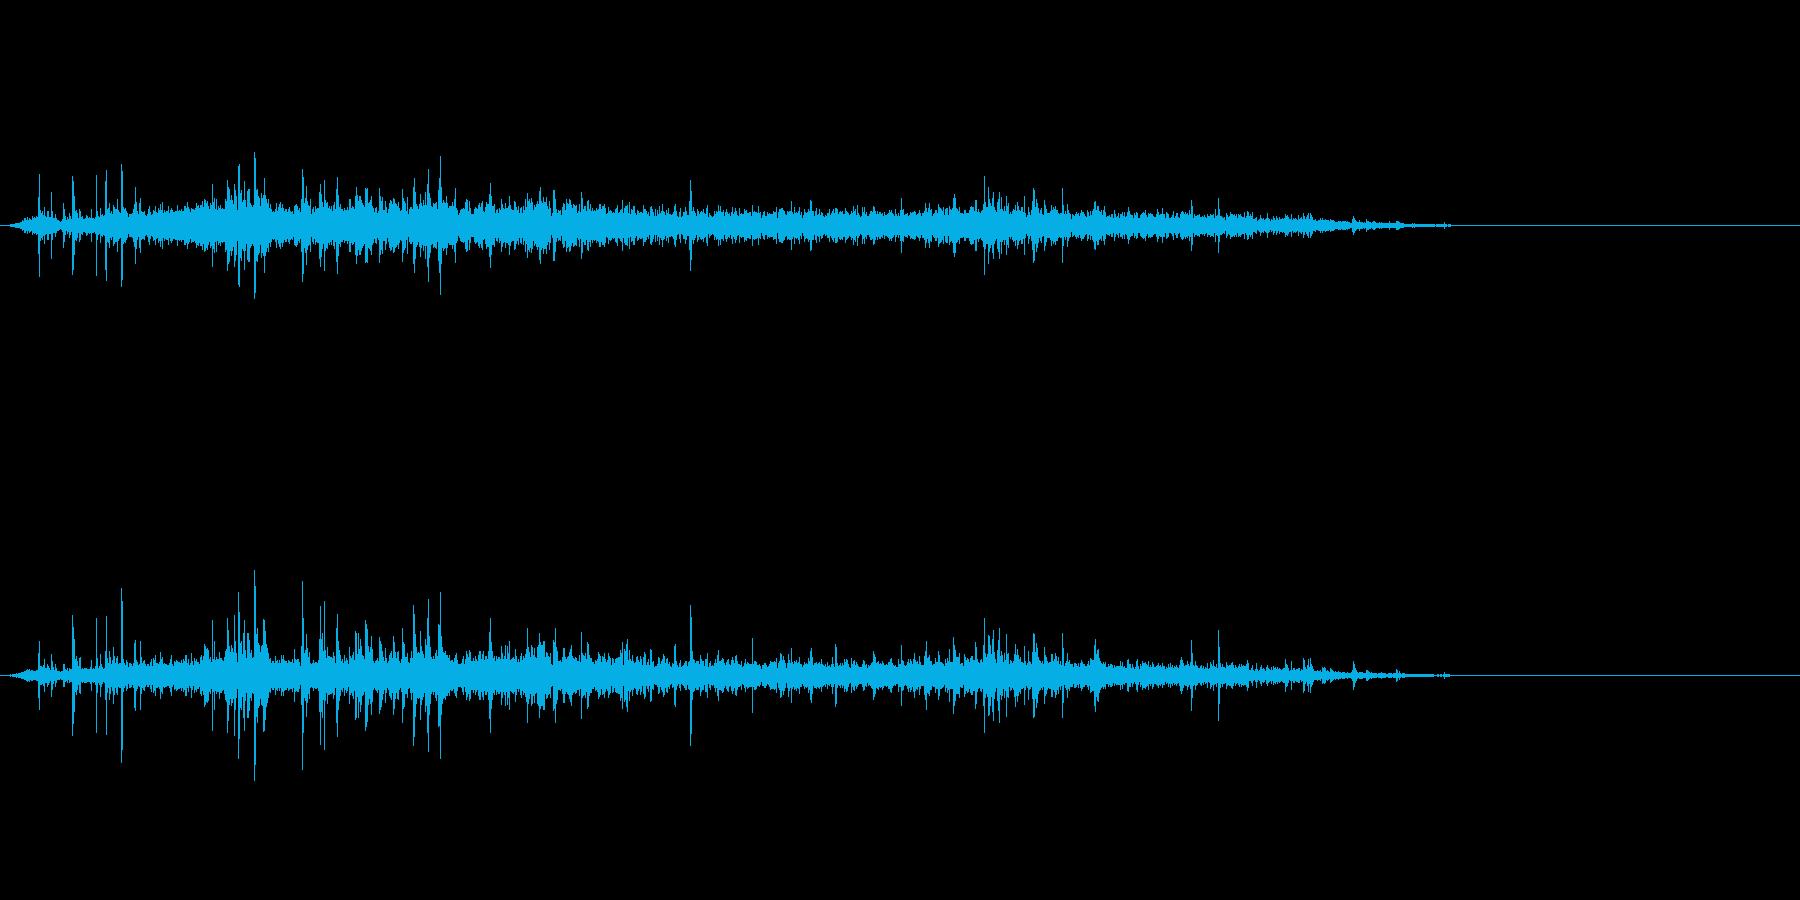 シュワーッ(炭酸飲料を注ぐ音、長め)の再生済みの波形